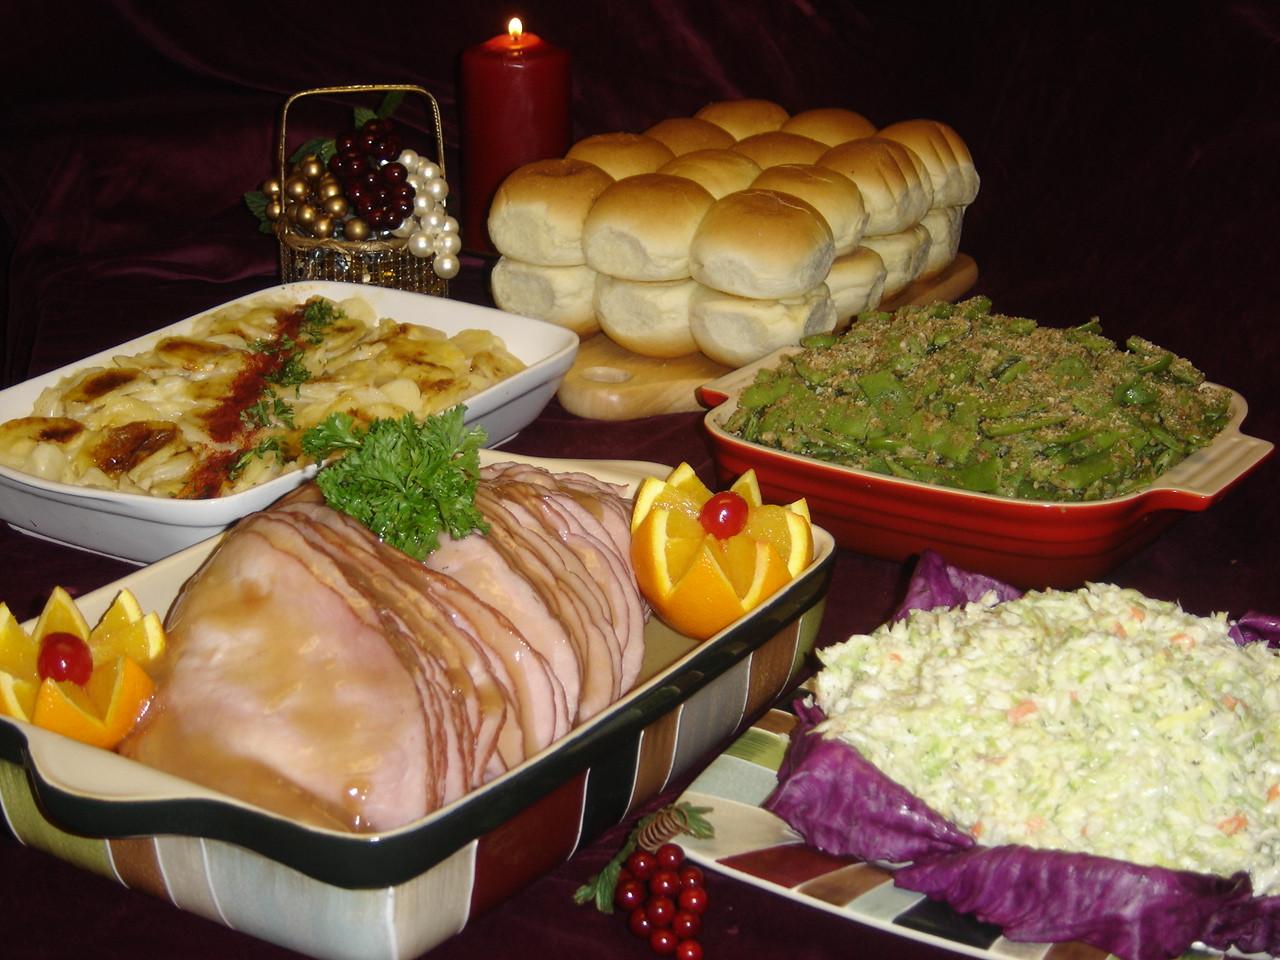 Order Easter Dinner  Hop into Schiff's for Easter Dinner made easy